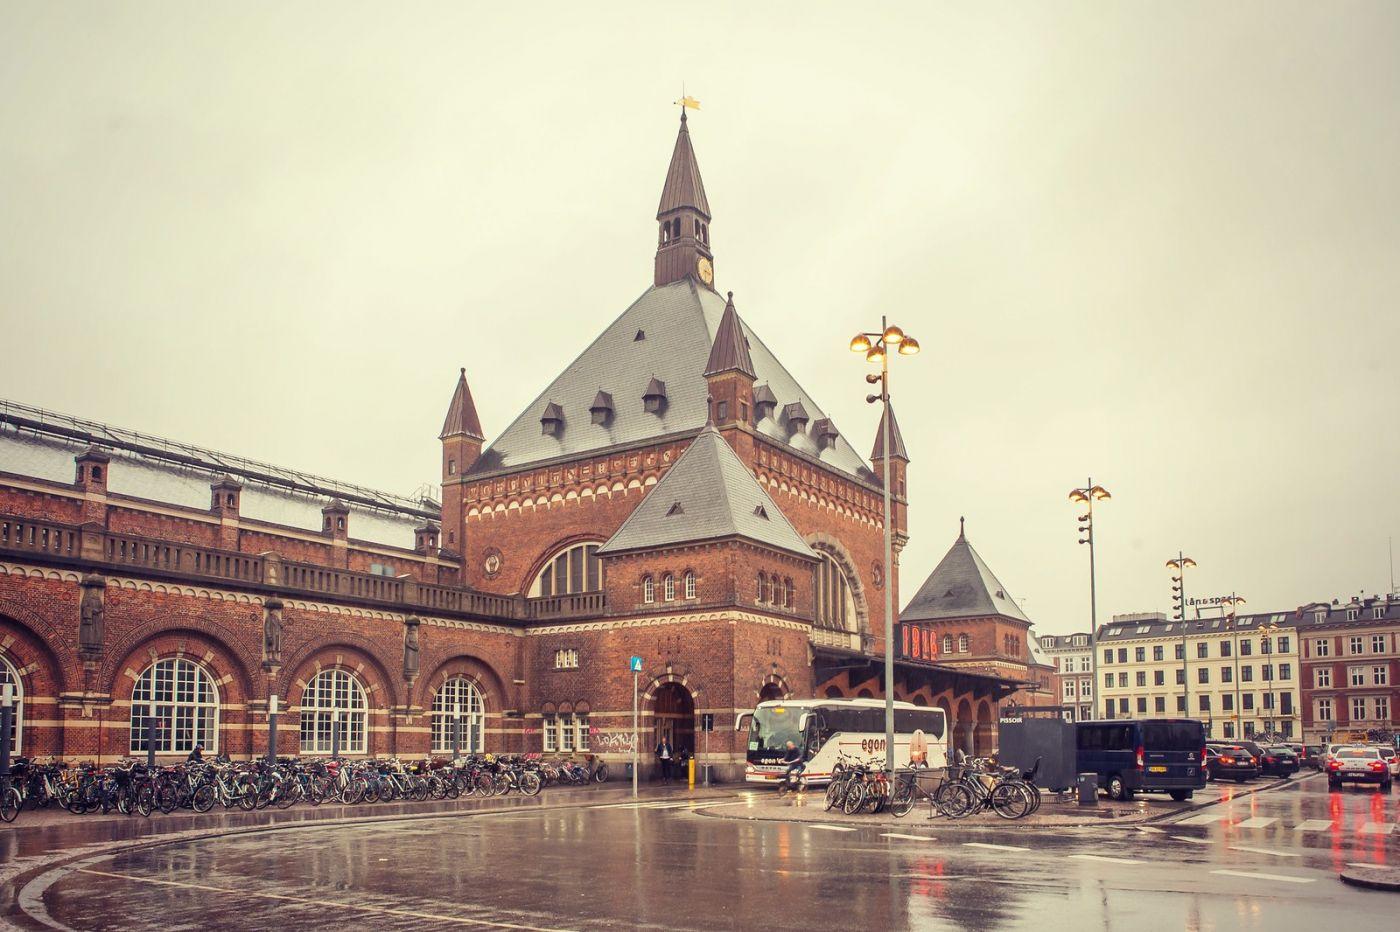 丹麦哥本哈根,新旧融合的城市_图1-37